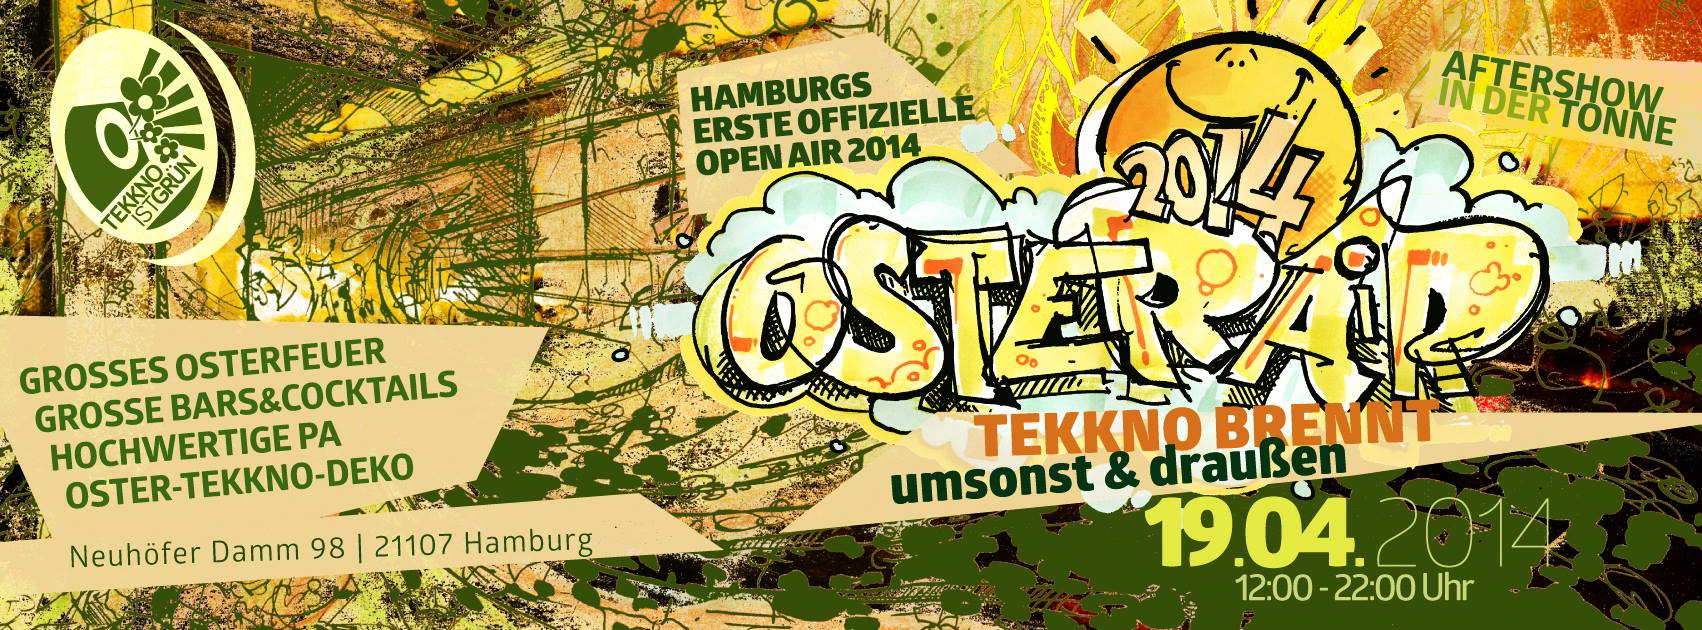 Oster open air